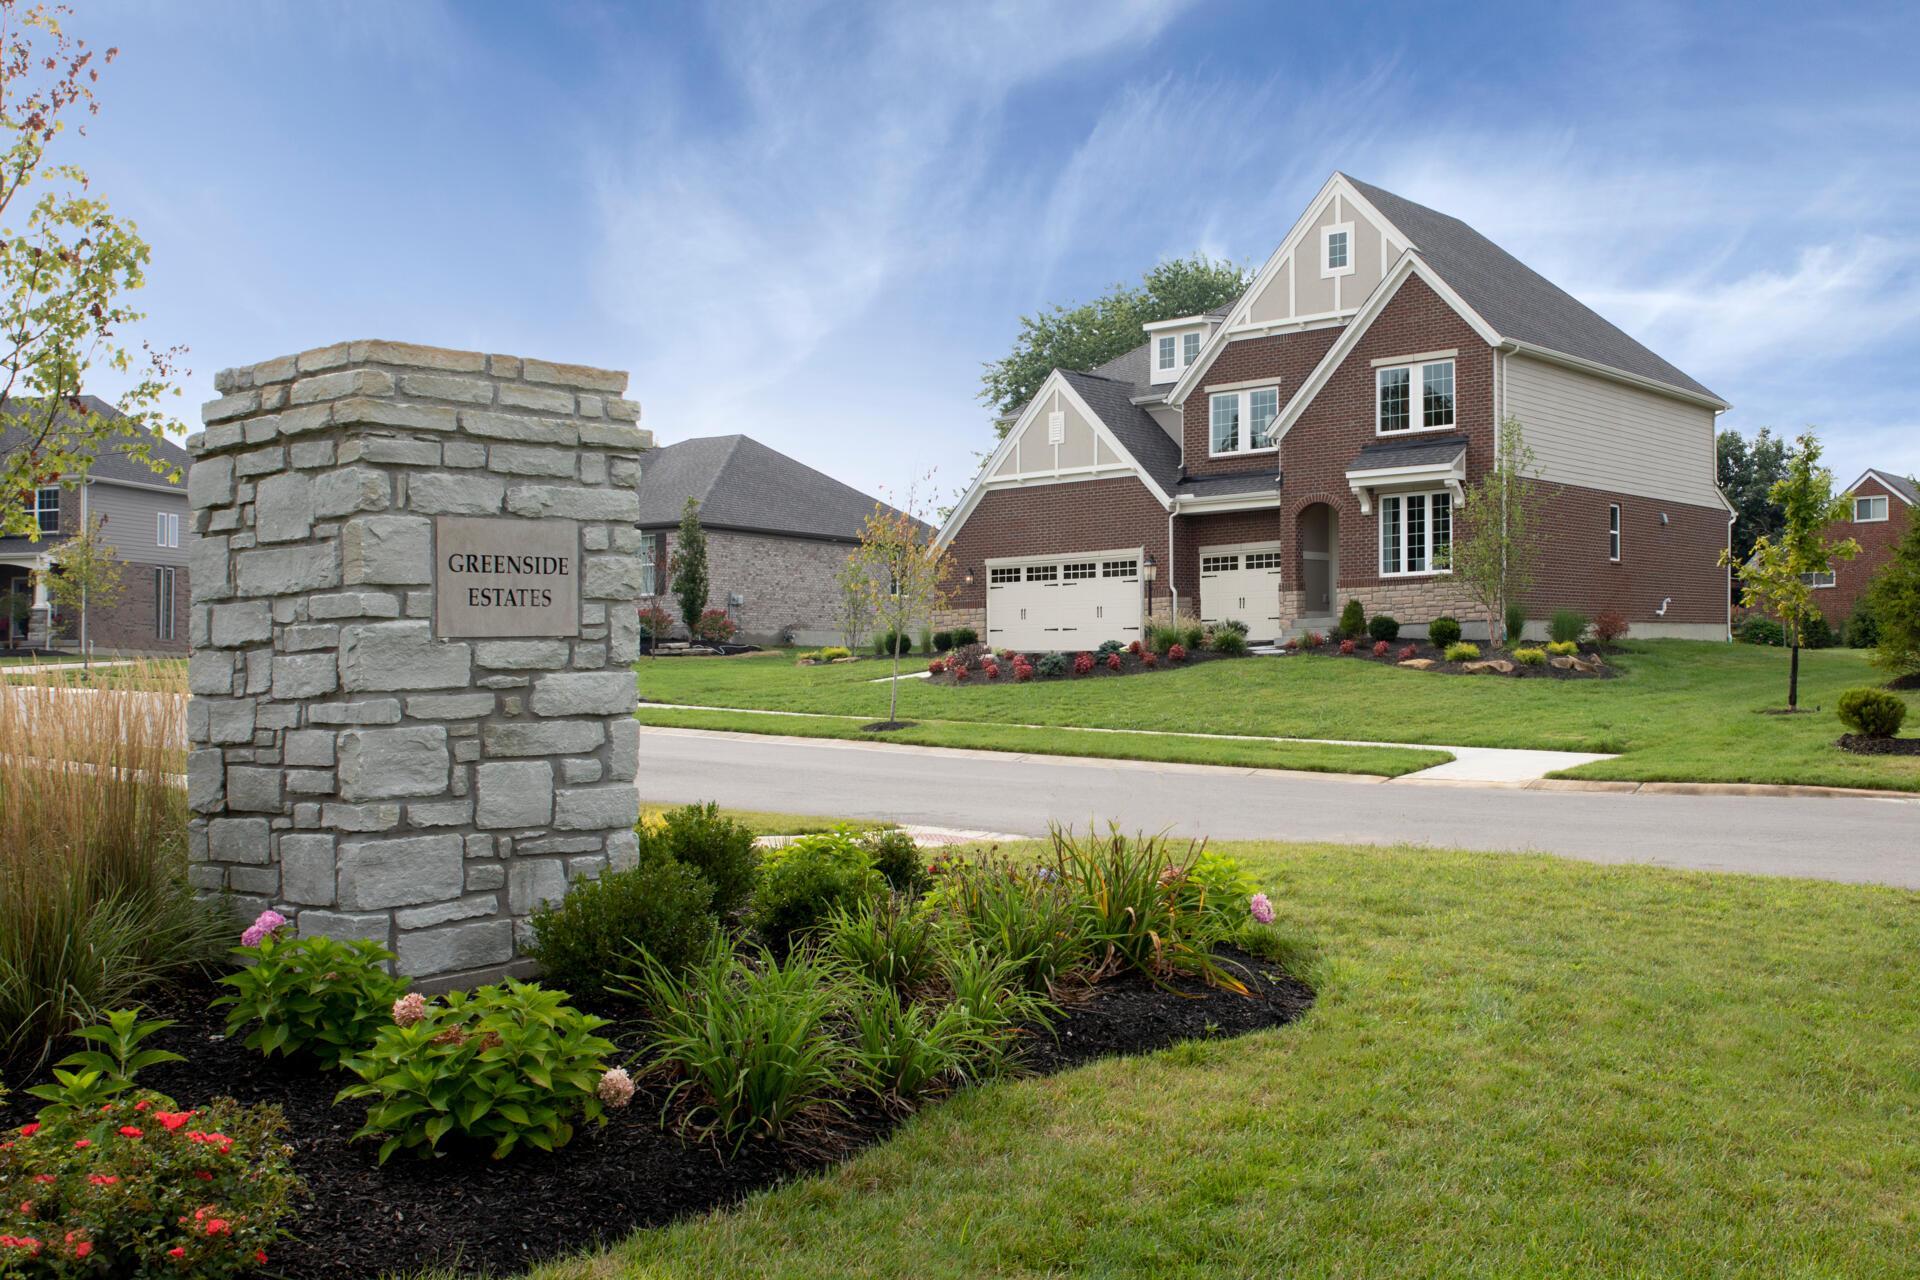 Greenside Estates,45233